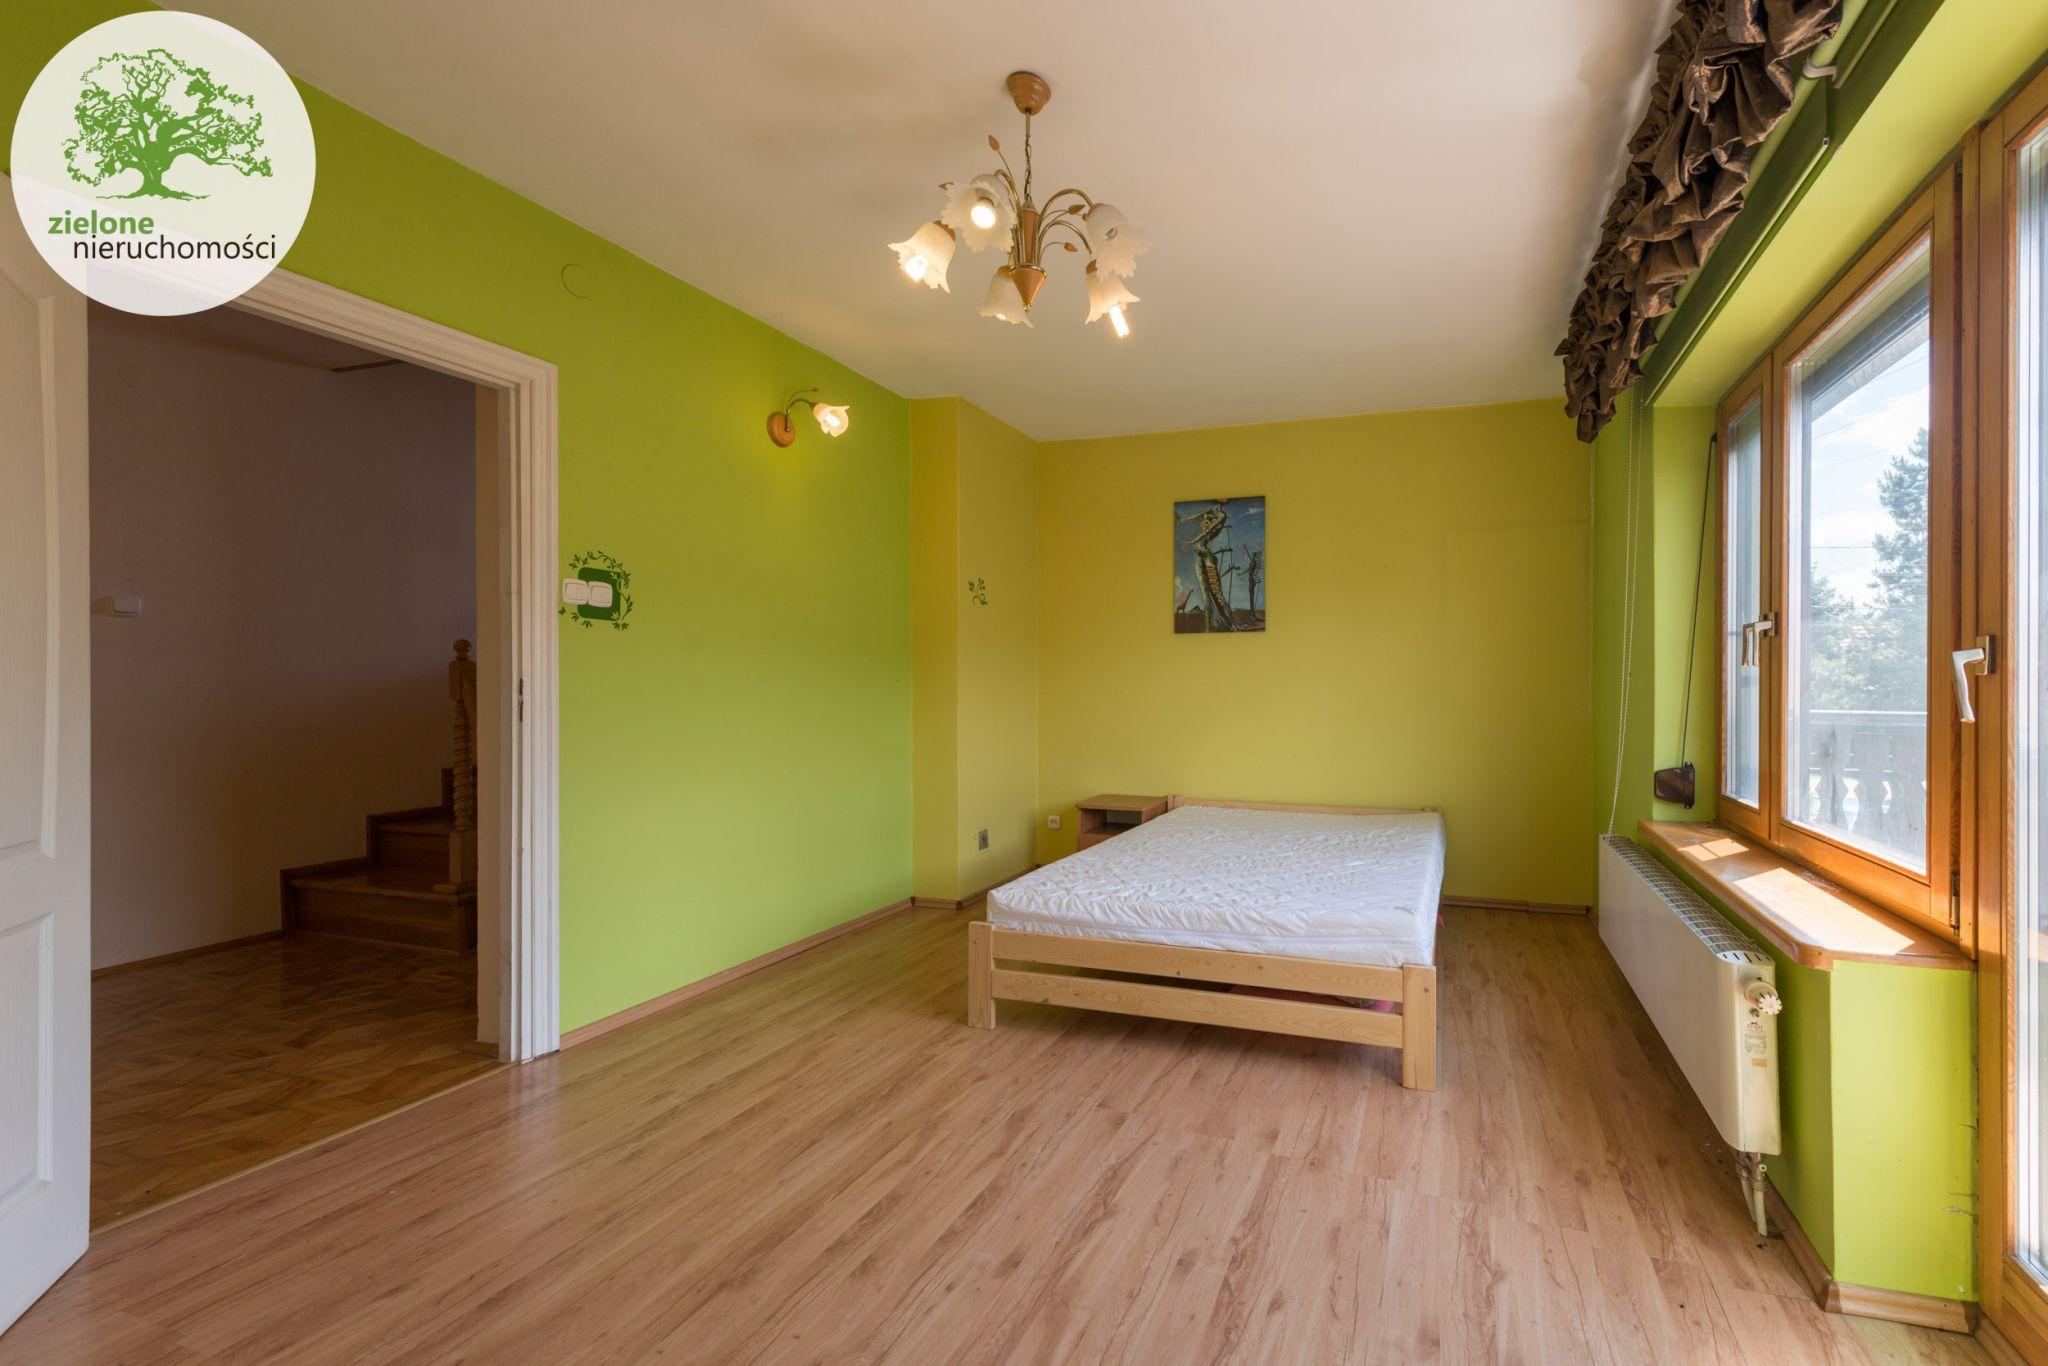 Zdjęcie 1012 pokoi, dom dla dużej rodziny lub na firmę